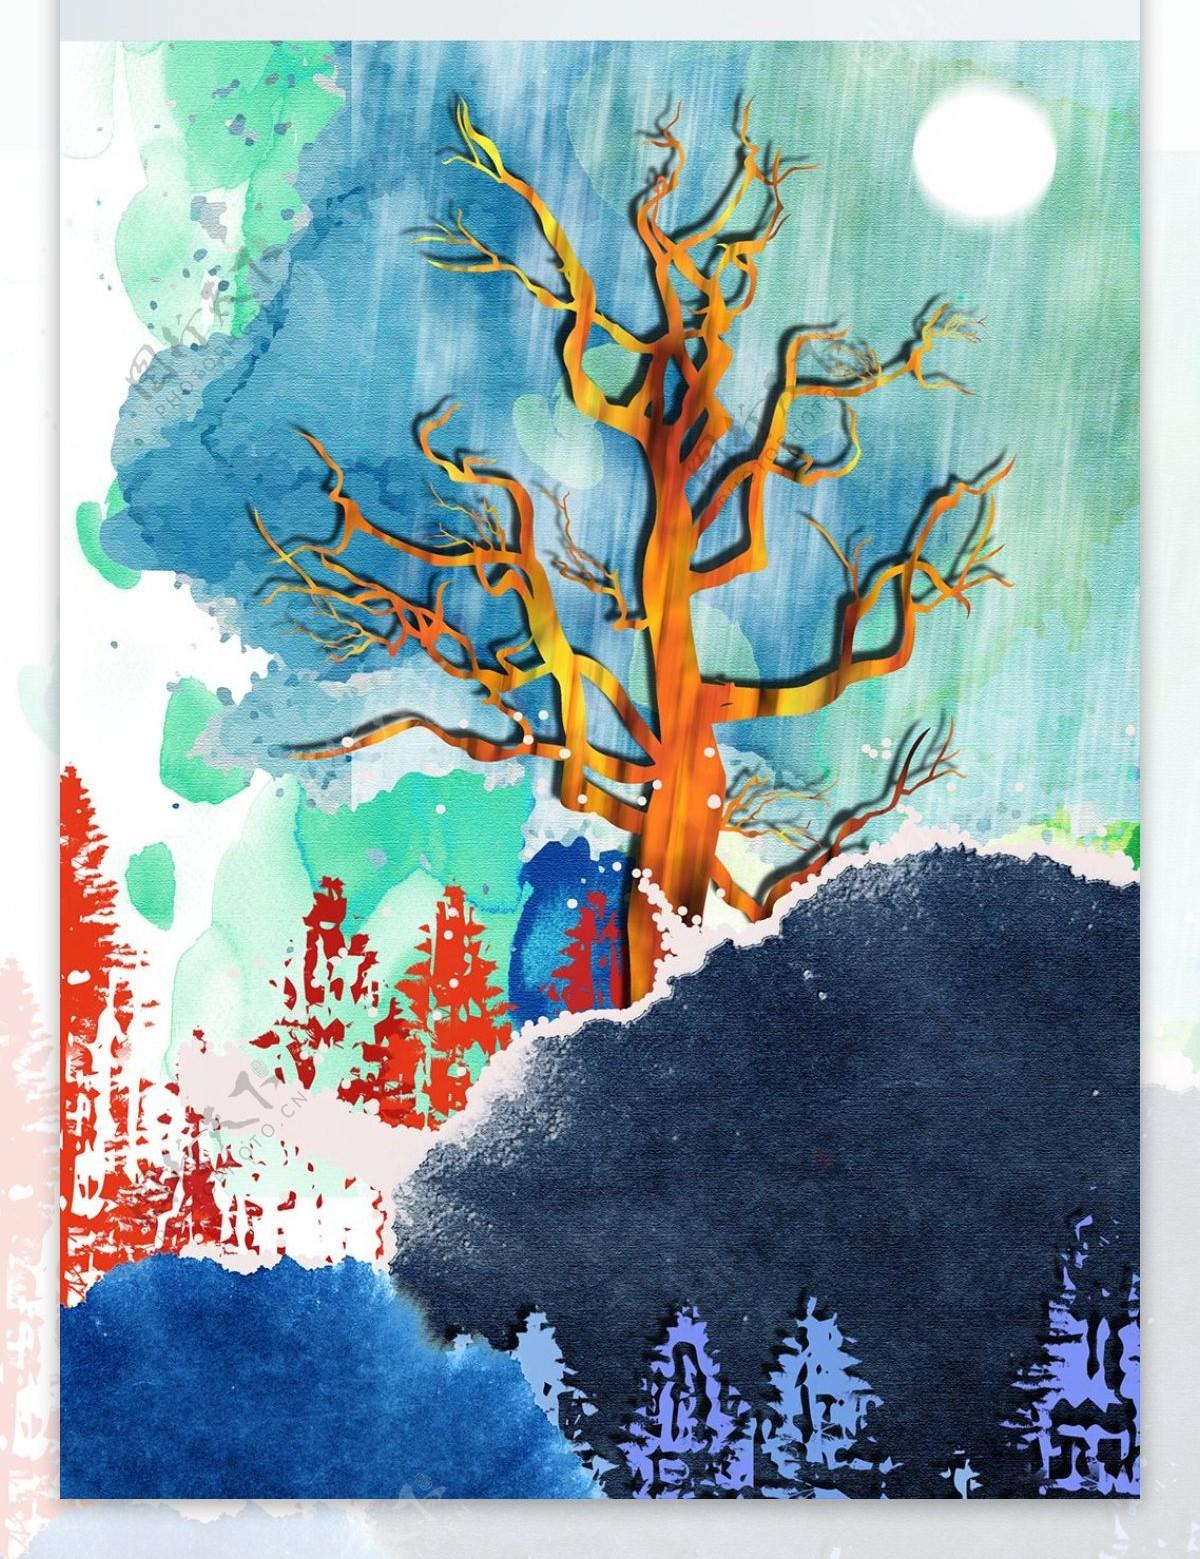 简约抽象水墨山林风景客厅装饰画